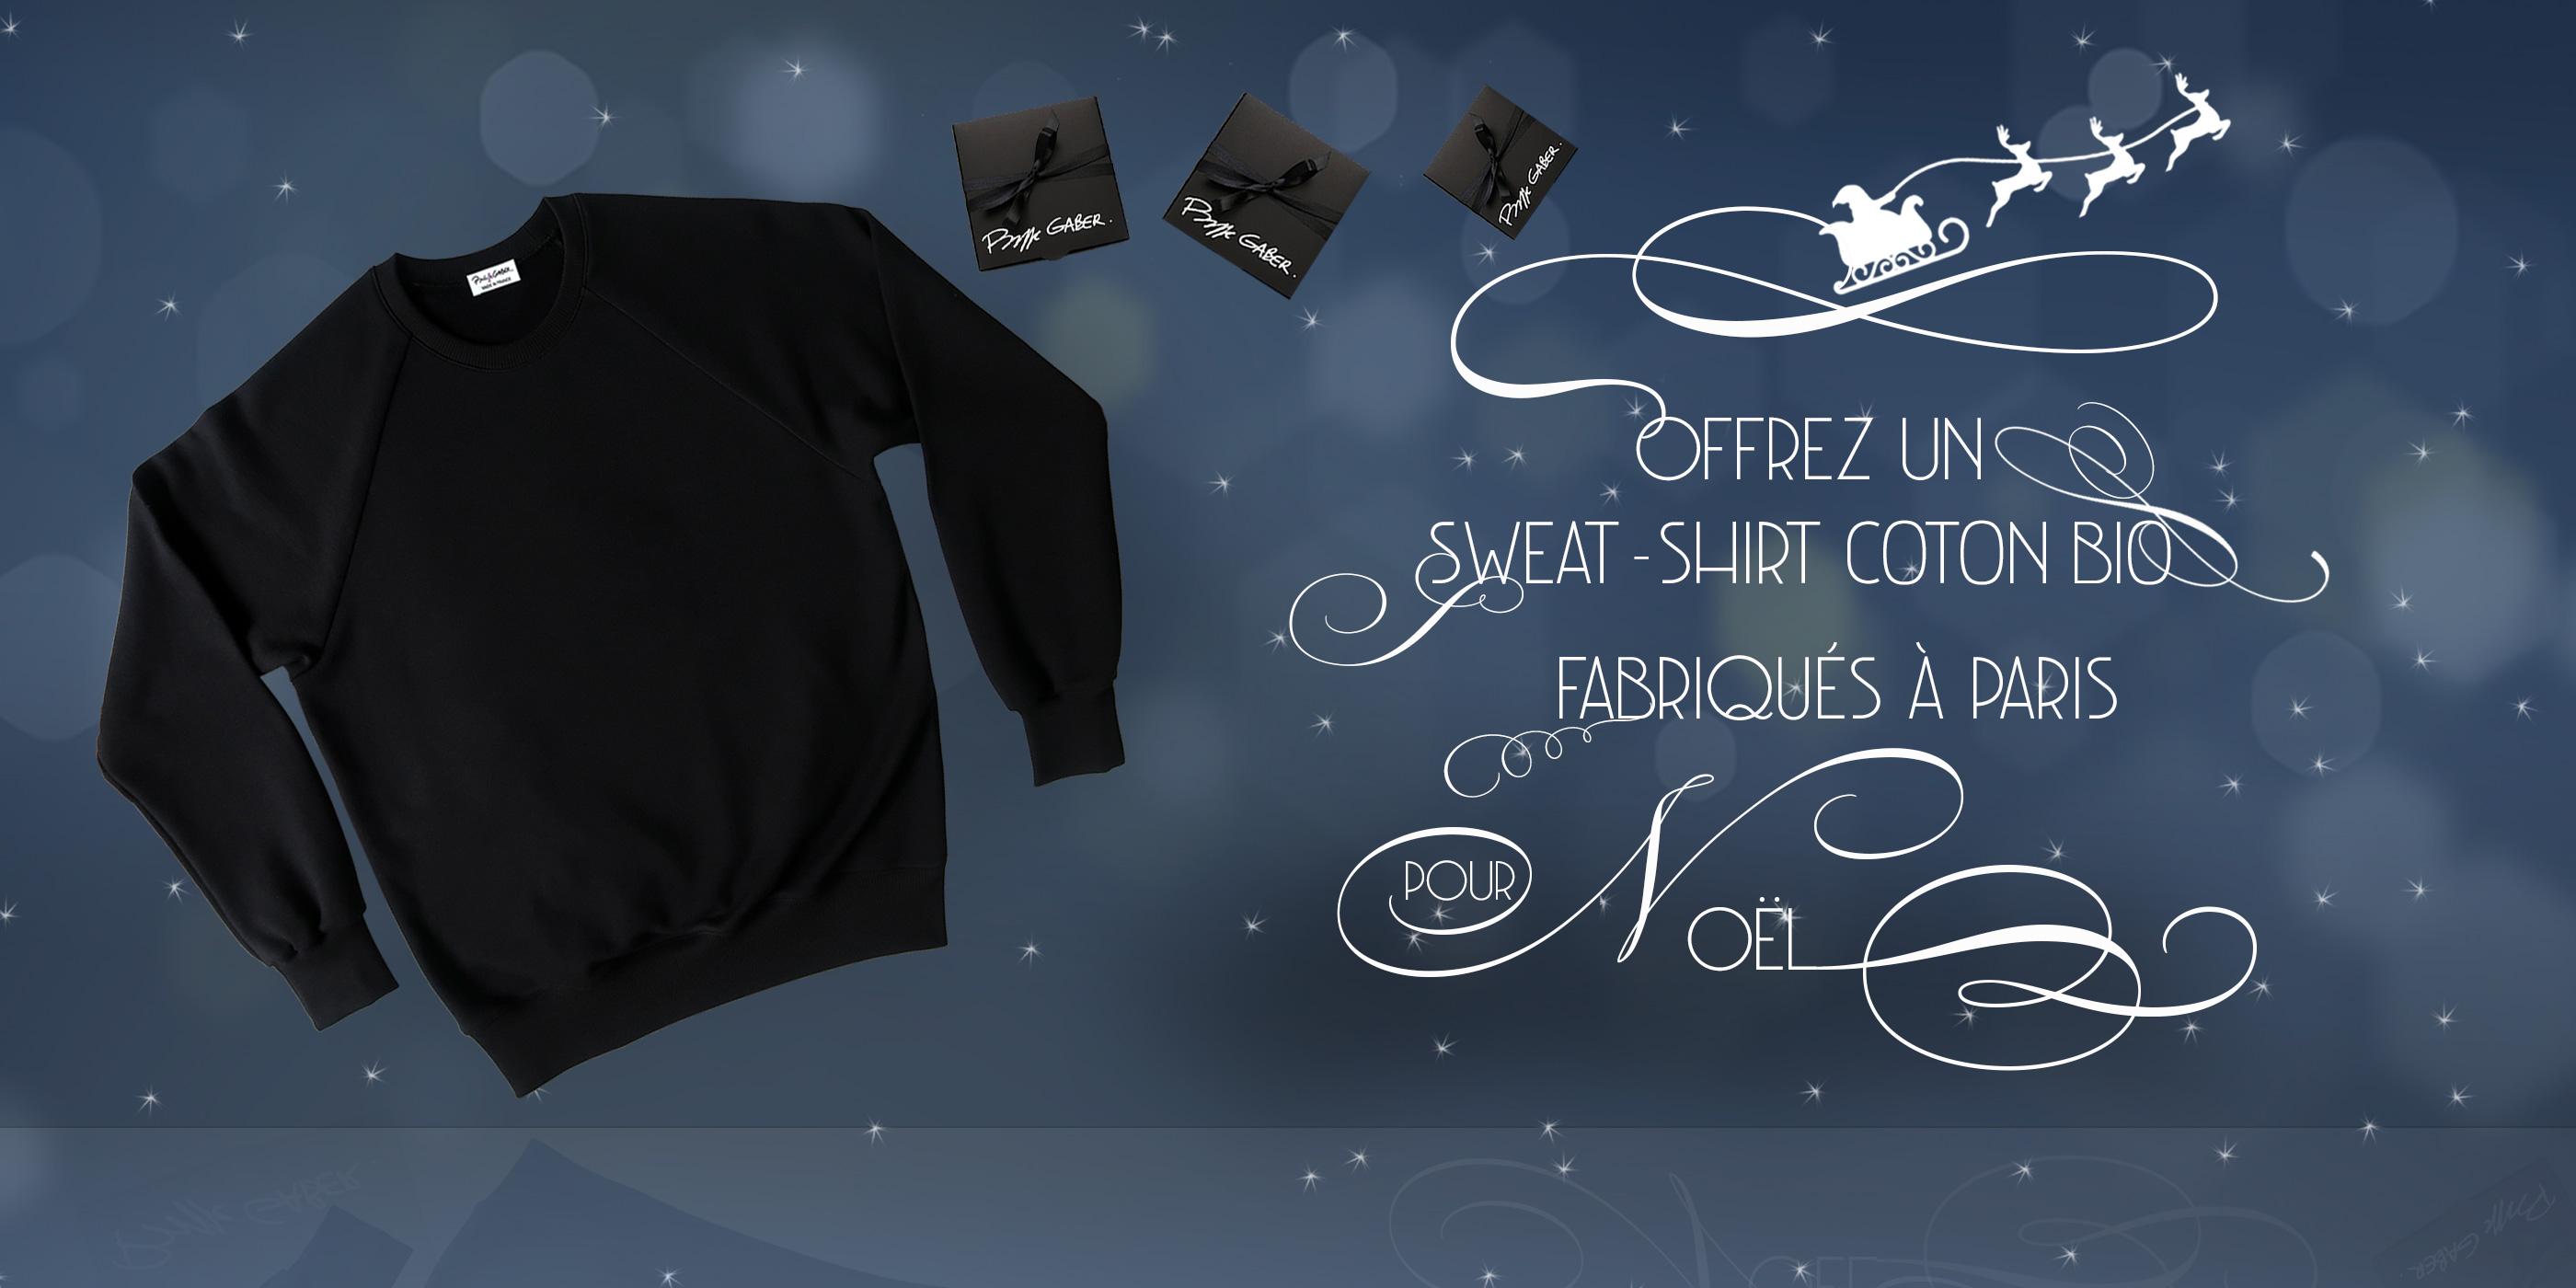 Sweat-shirt Made in France coton bio Gots sweatshirt hoodies pour l'homme et la femme fabriqués à Paris par Philippe Gaber une mode éthique made in France PhilippeGaber